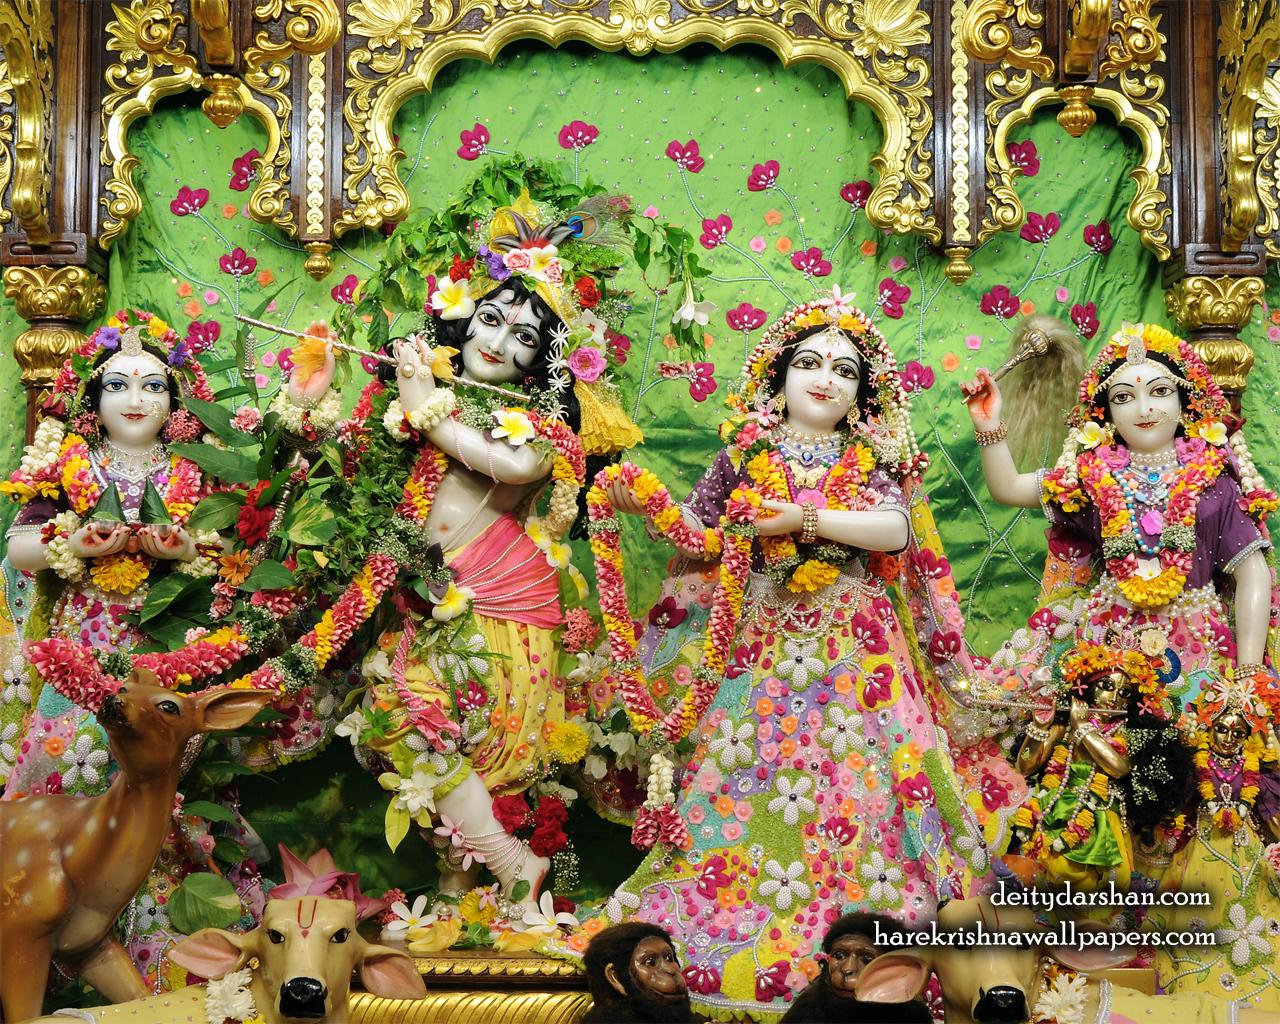 Sri Sri Radha Gopinath Lalita Vishakha Wallpaper (060) Size 1280x1024 Download